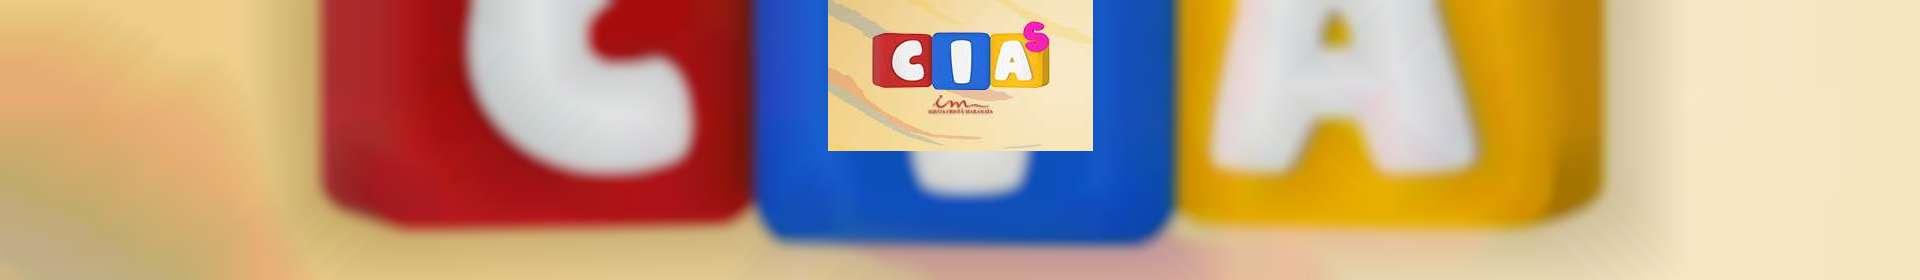 Aula de CIAS: classe de 11 a 15 anos - 07 de maio de 2020